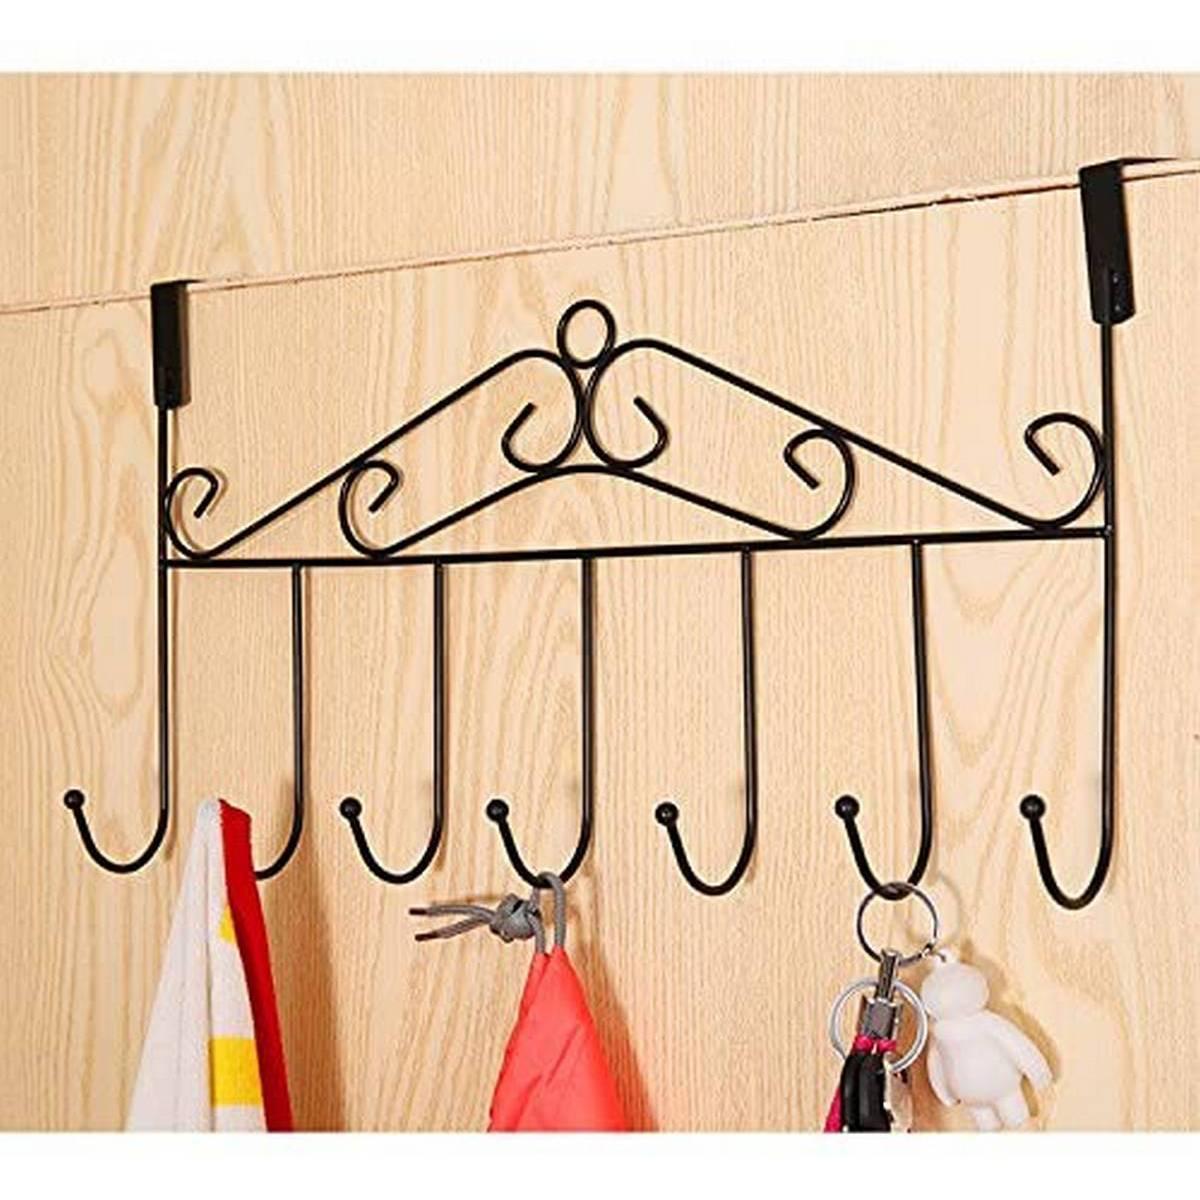 Over Door Hanger with 7 Hooks Metal Over the Door Towel Hook Organizer, Hanging Storage Rack for Coat, Robe, Jacket, Belt, Hat, Towel Home Office Kitchen Use